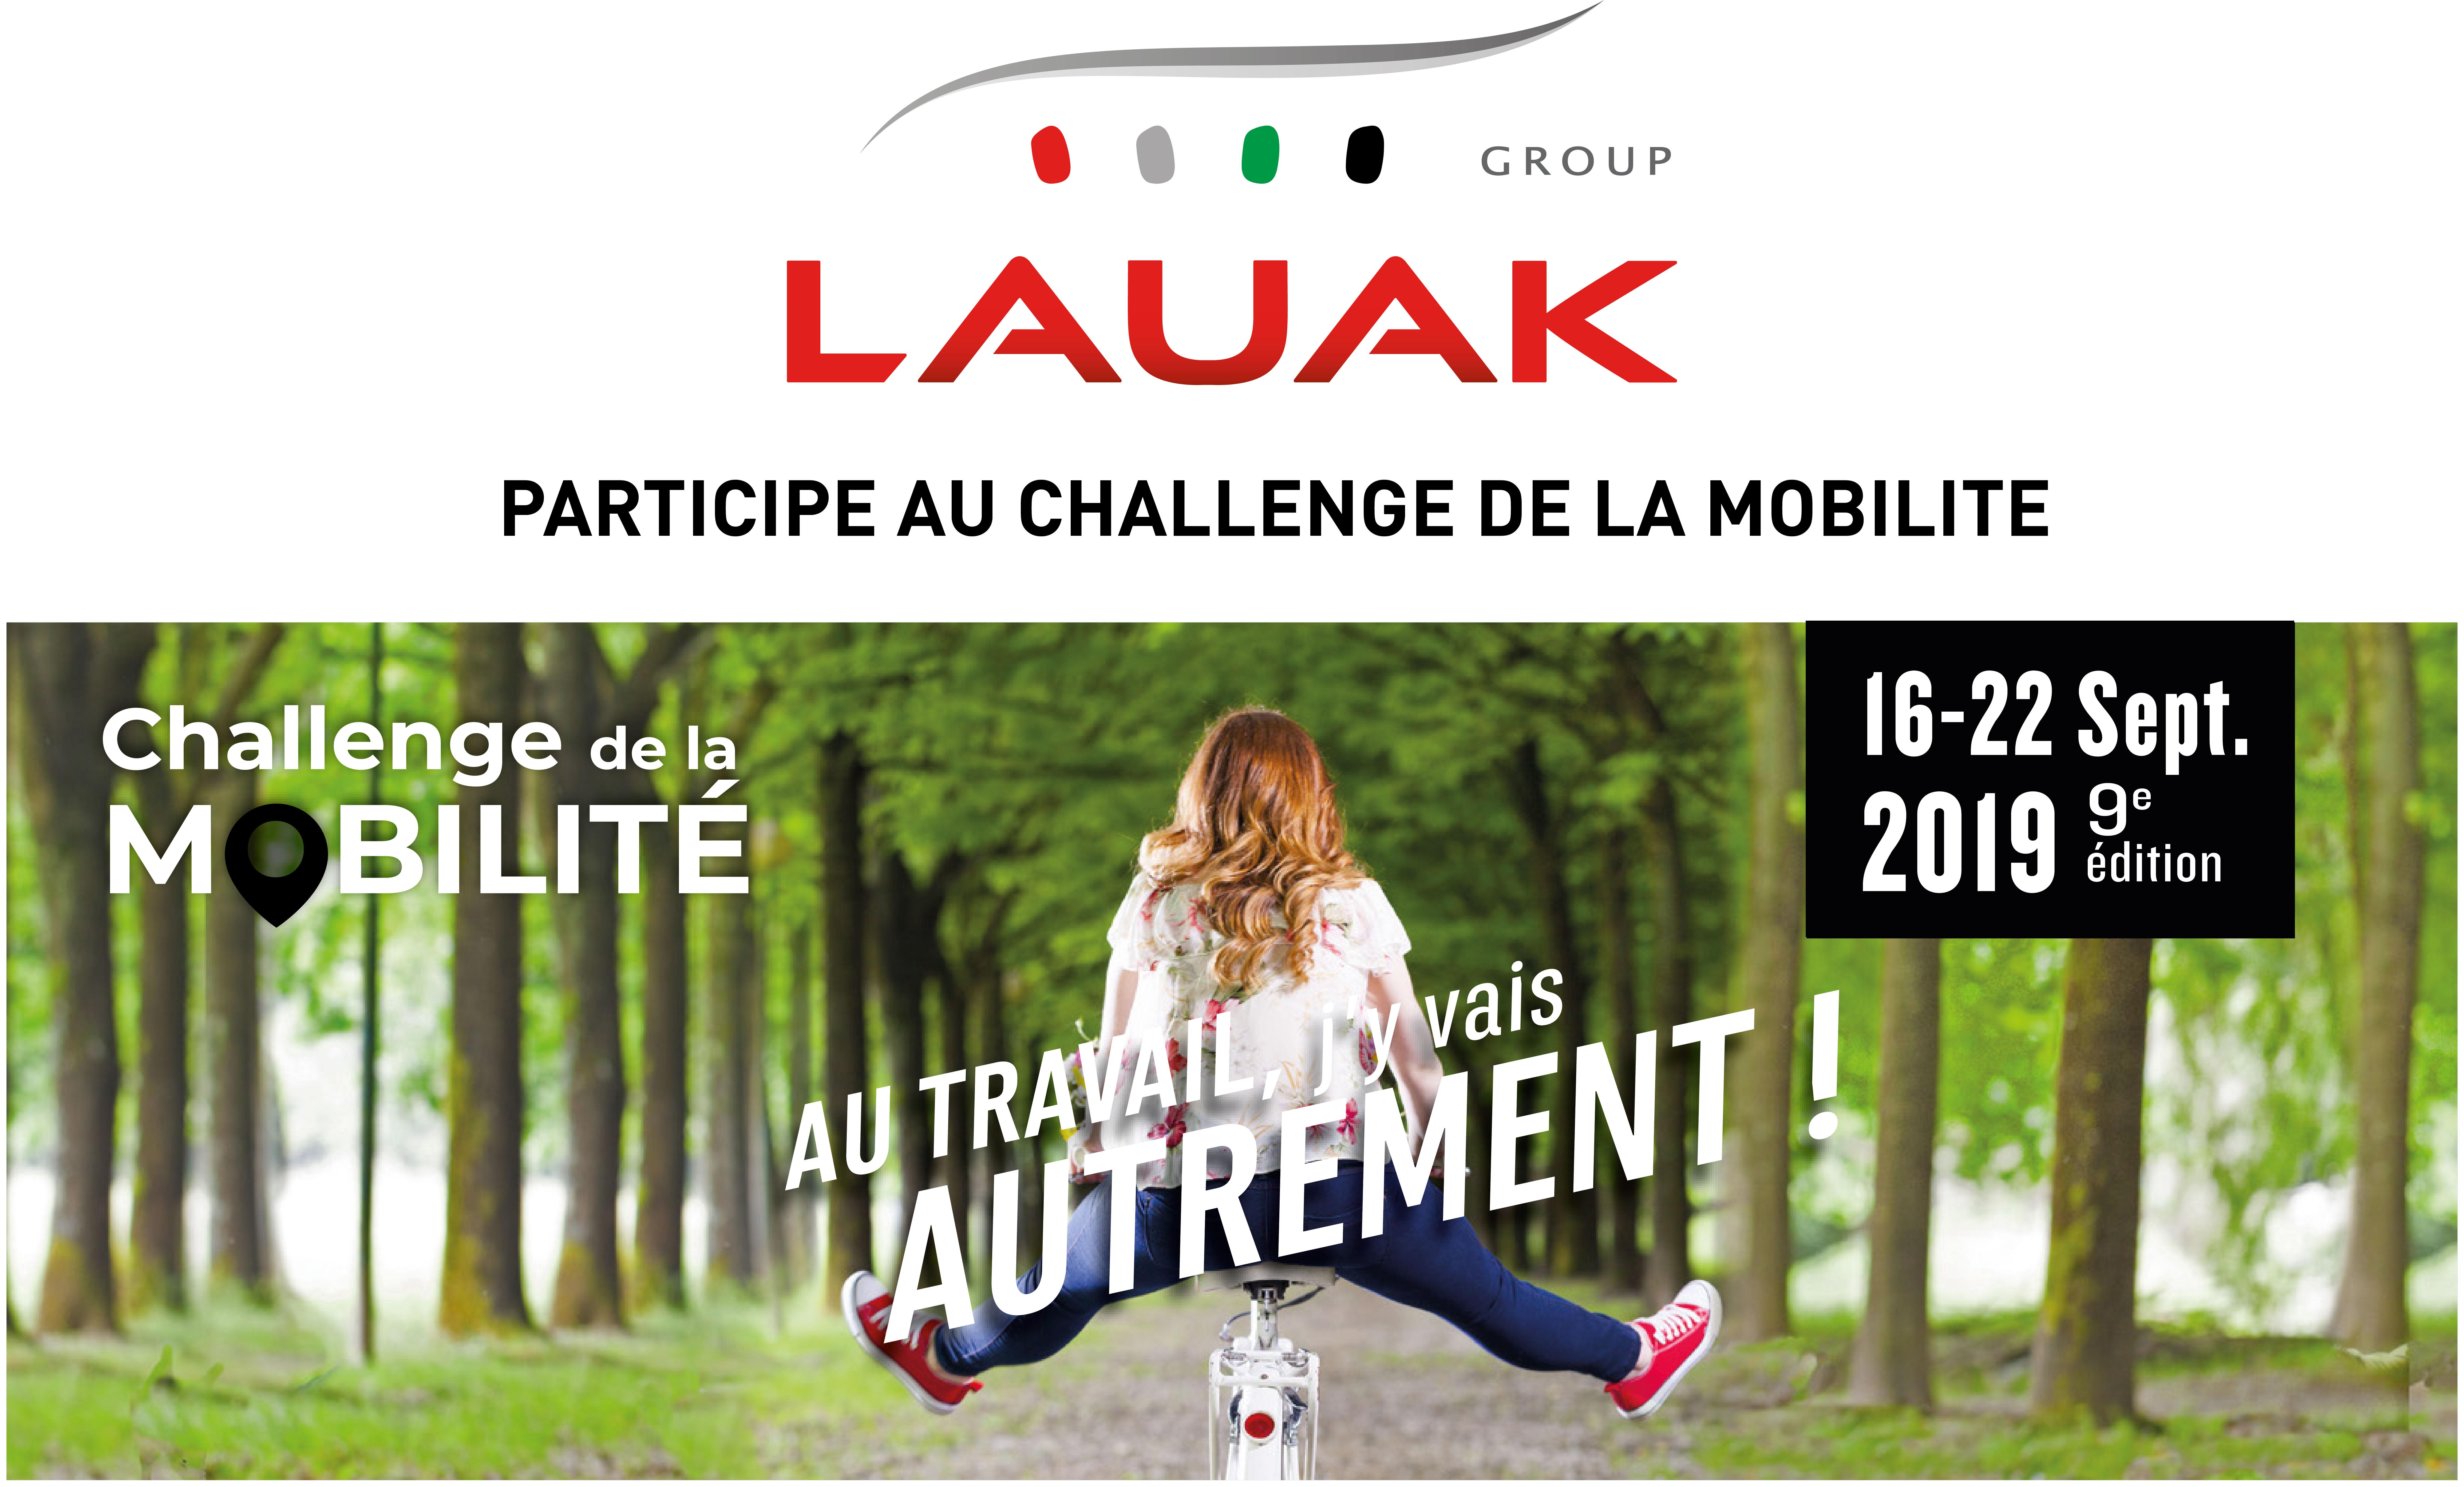 LAUAK participe au challenge de la mobilité